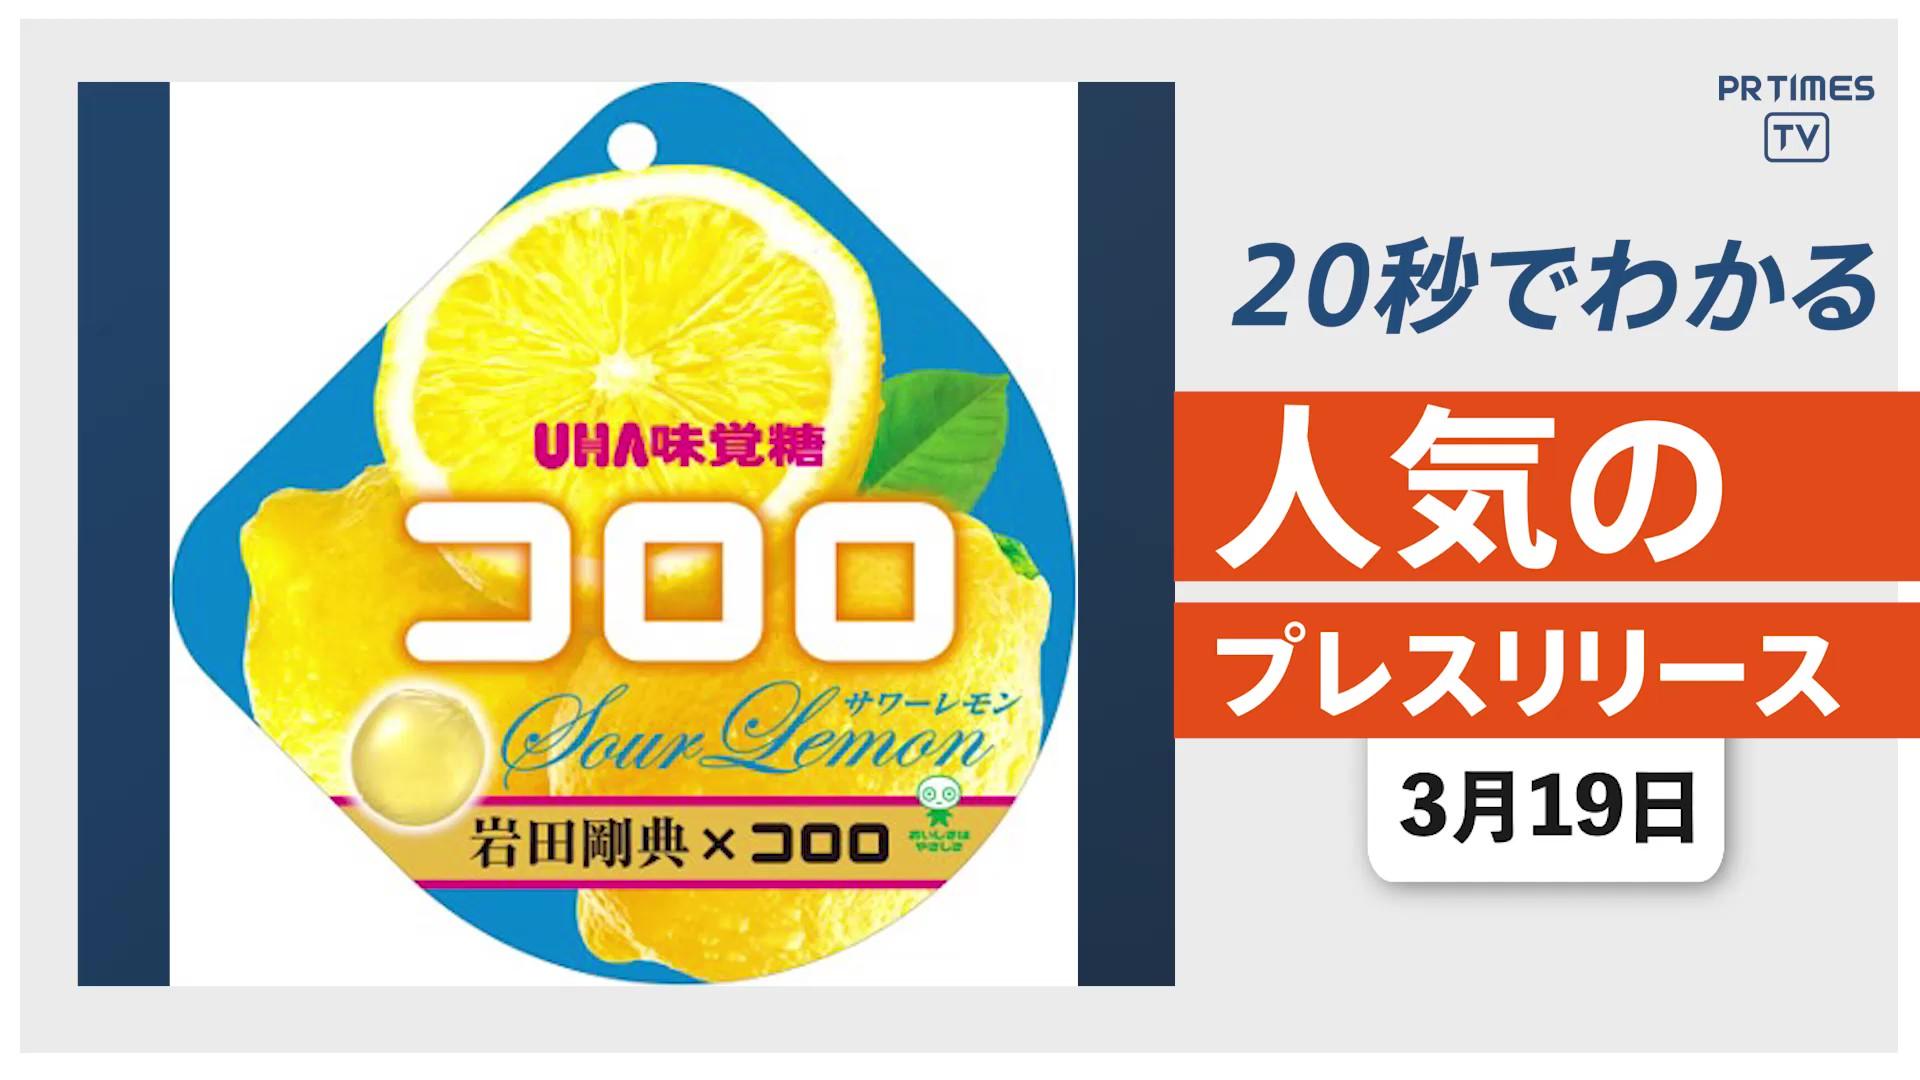 【岩田剛典プロデュース  サワーレモン味の「コロロ 」新発売】他、新着トレンド3月19日